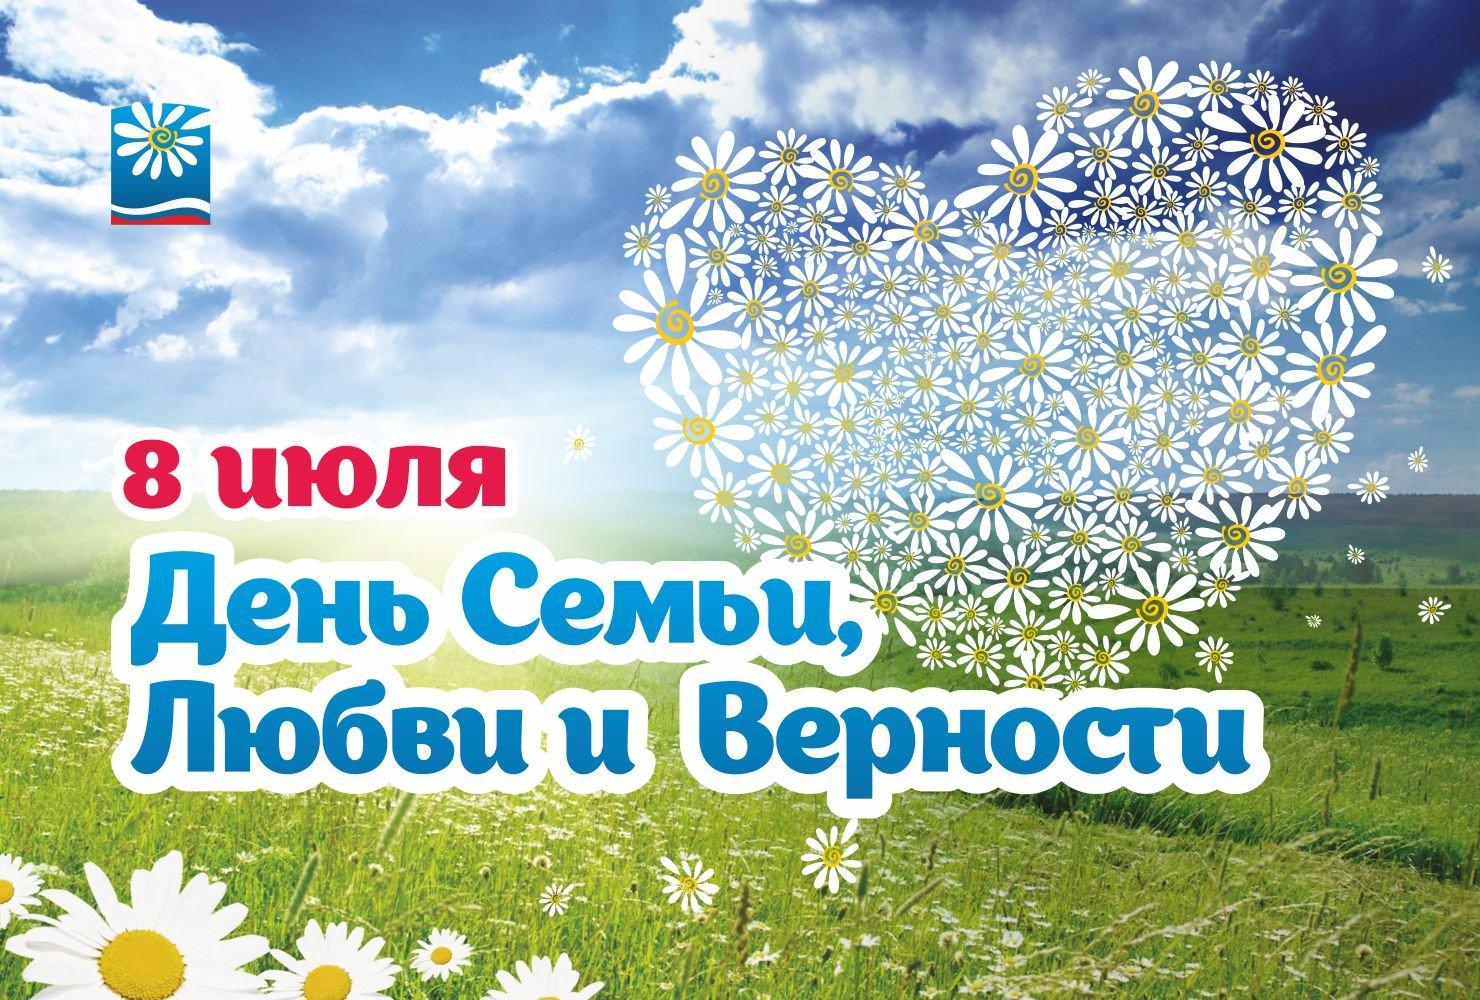 Анатолий открытки, картинки с праздником 8 июля